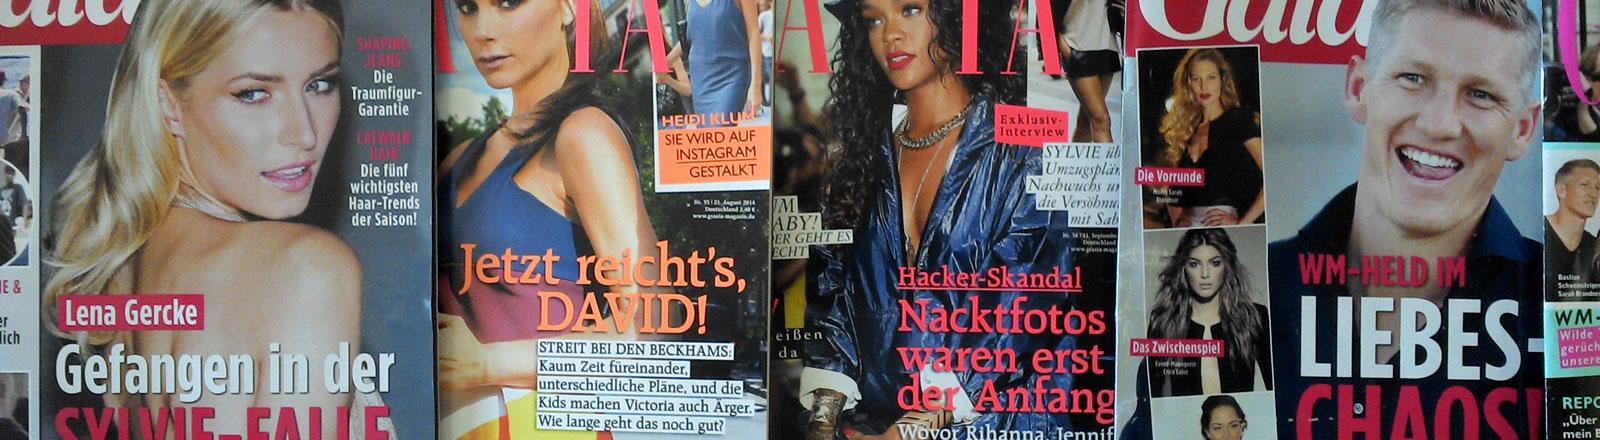 Klatsch- und Tratschzeitschriften.